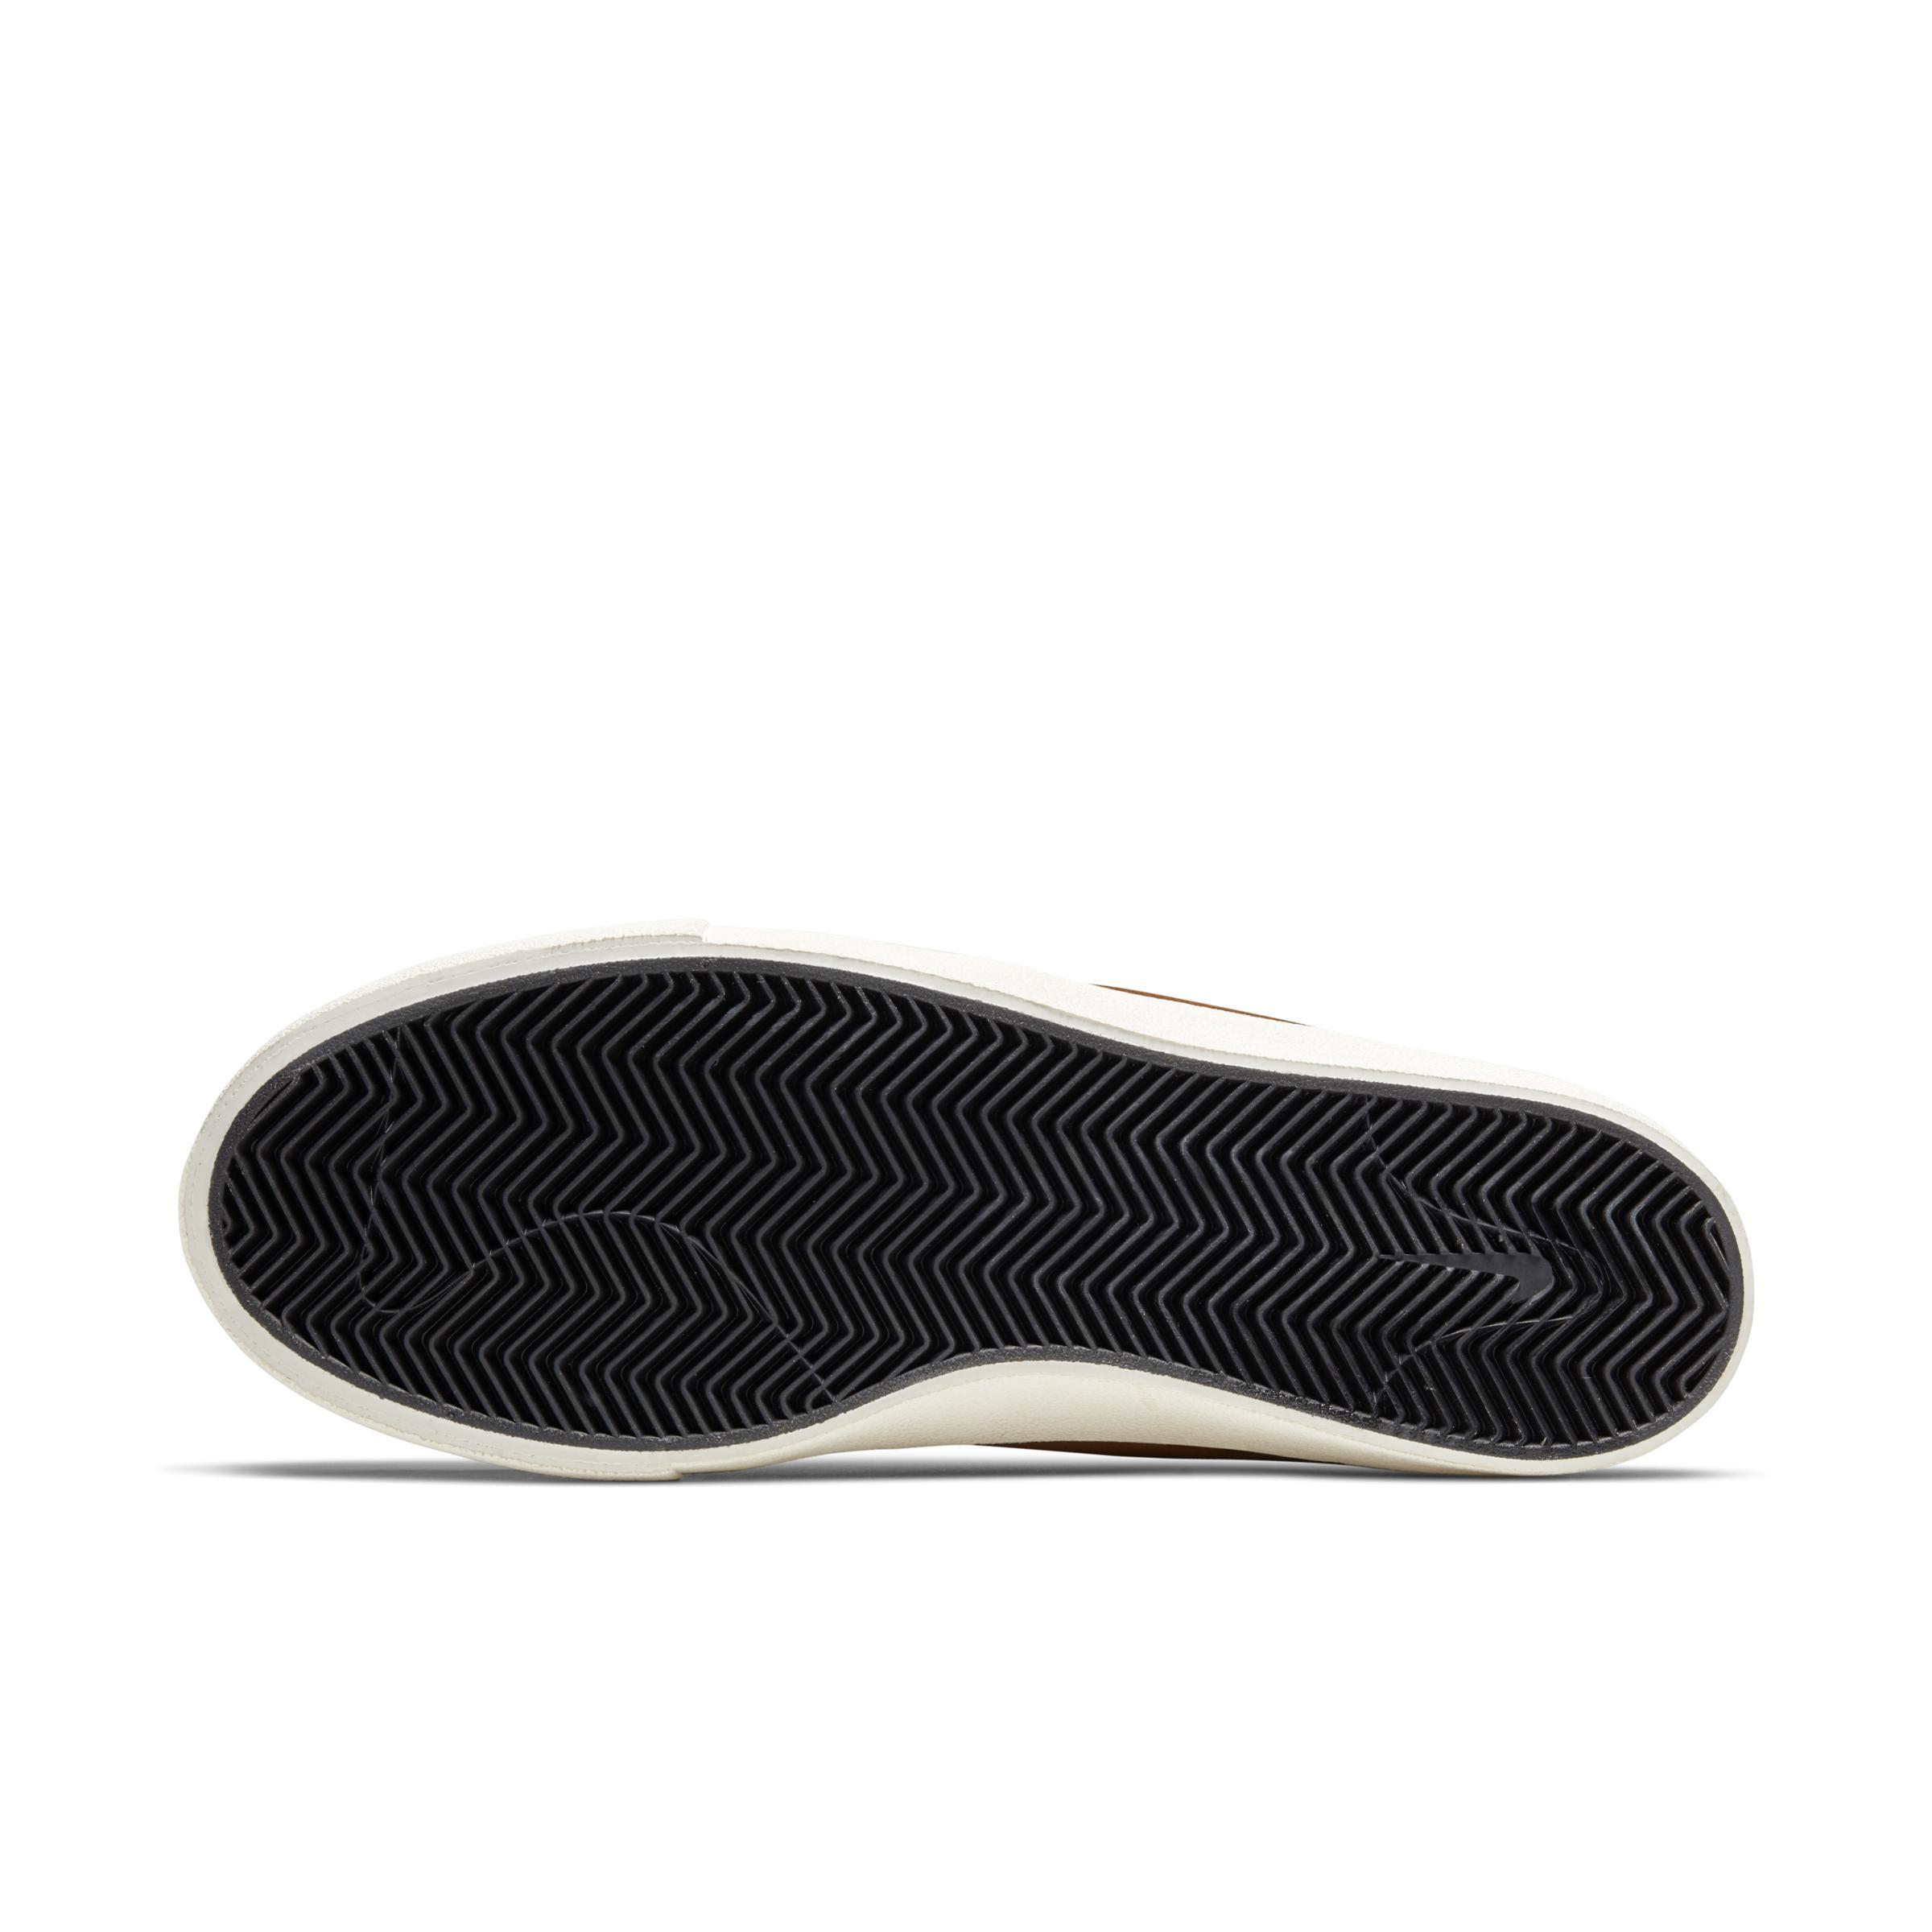 SB Zoom Stefan Janoski Mid Crafted Zapatillas de skateboard Nike de Cuero de color Marrón para hombre